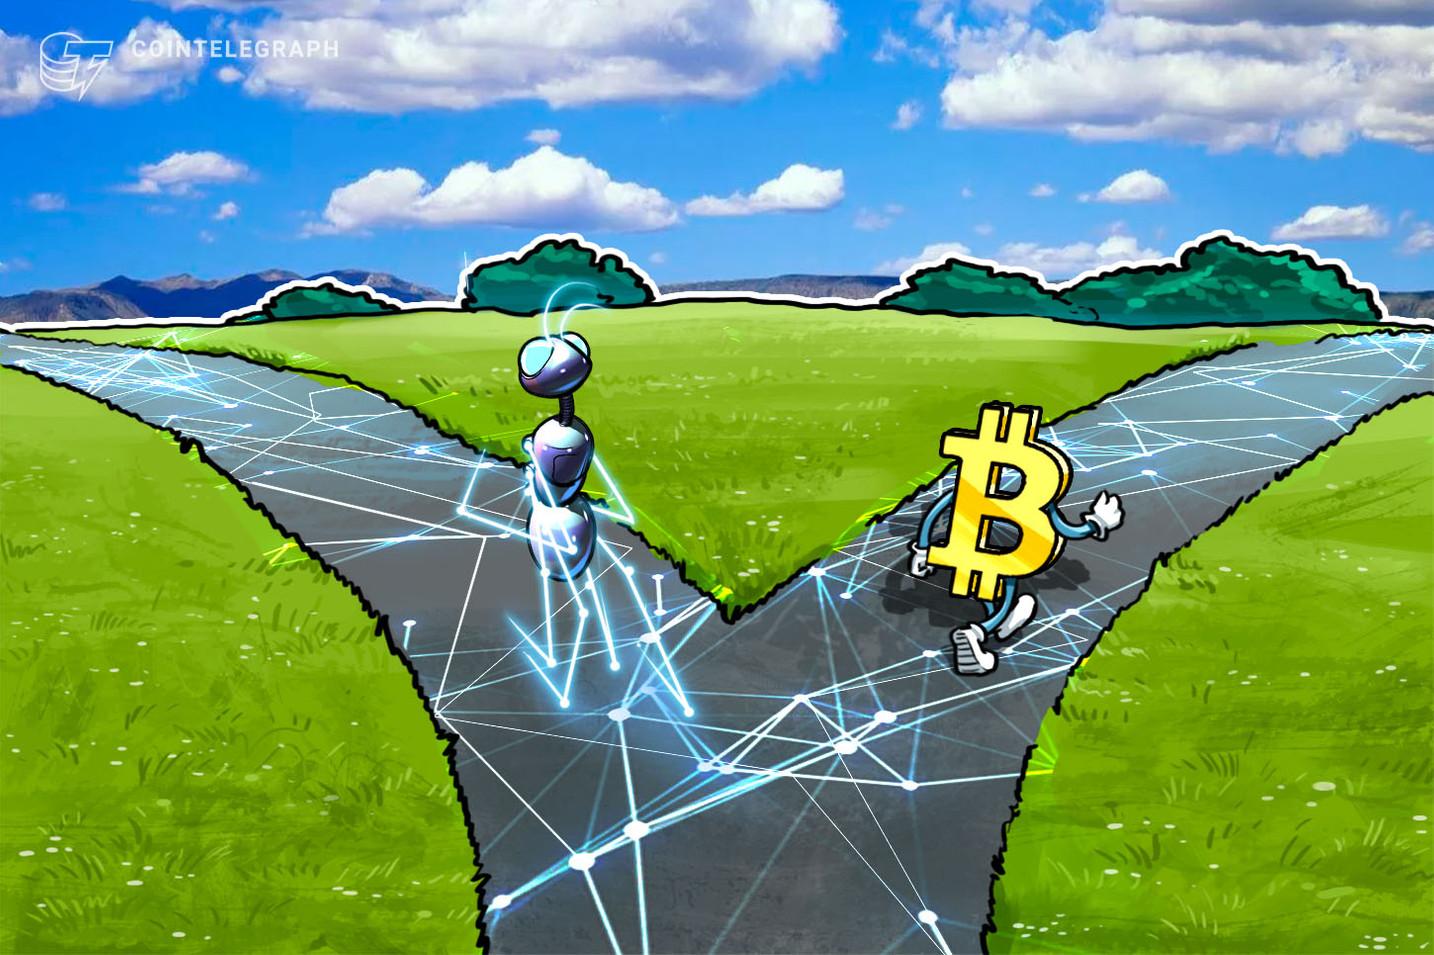 Blockchain original y Bitcoin: diferentes caminos hacia la descentralización